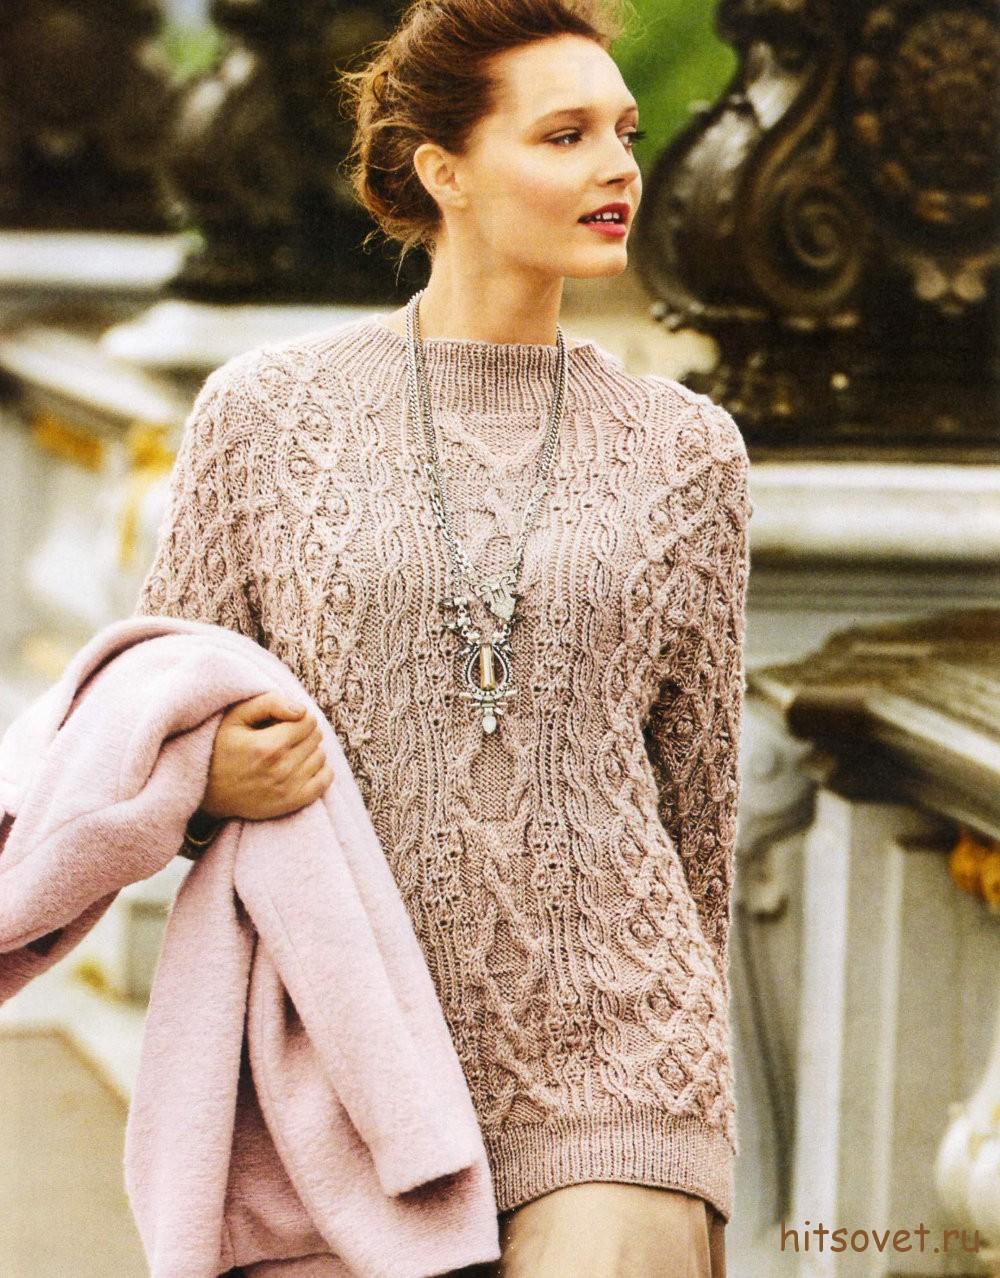 Вязание пуловера с рукавами летучая мышь - Хитсовет